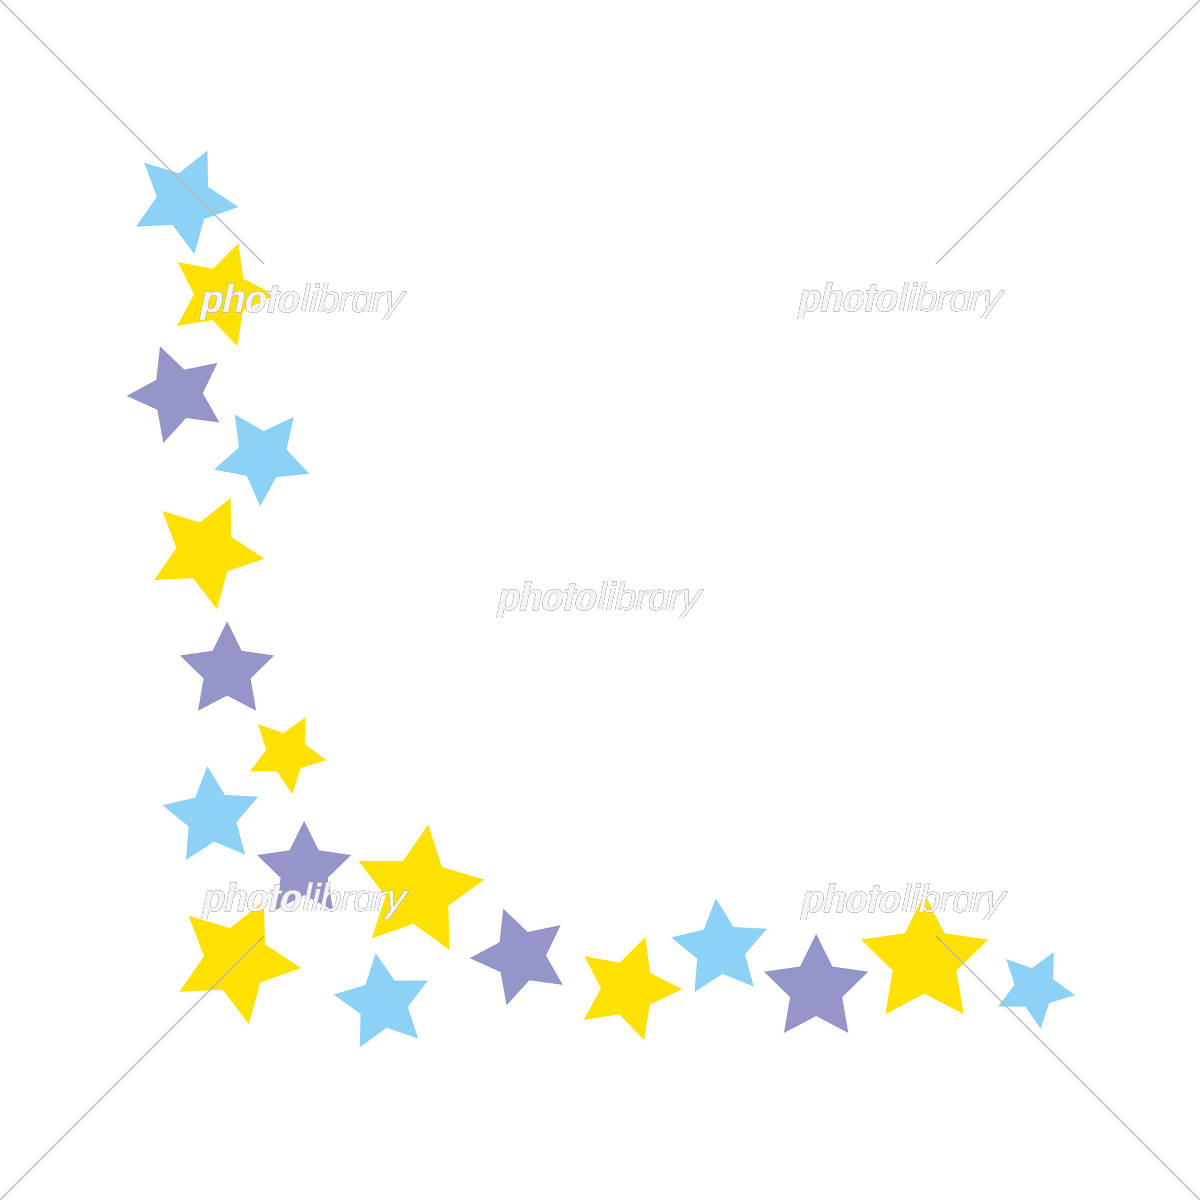 フレーム 背景 かわいい 星 イラスト素材 5410551 フォトライブ